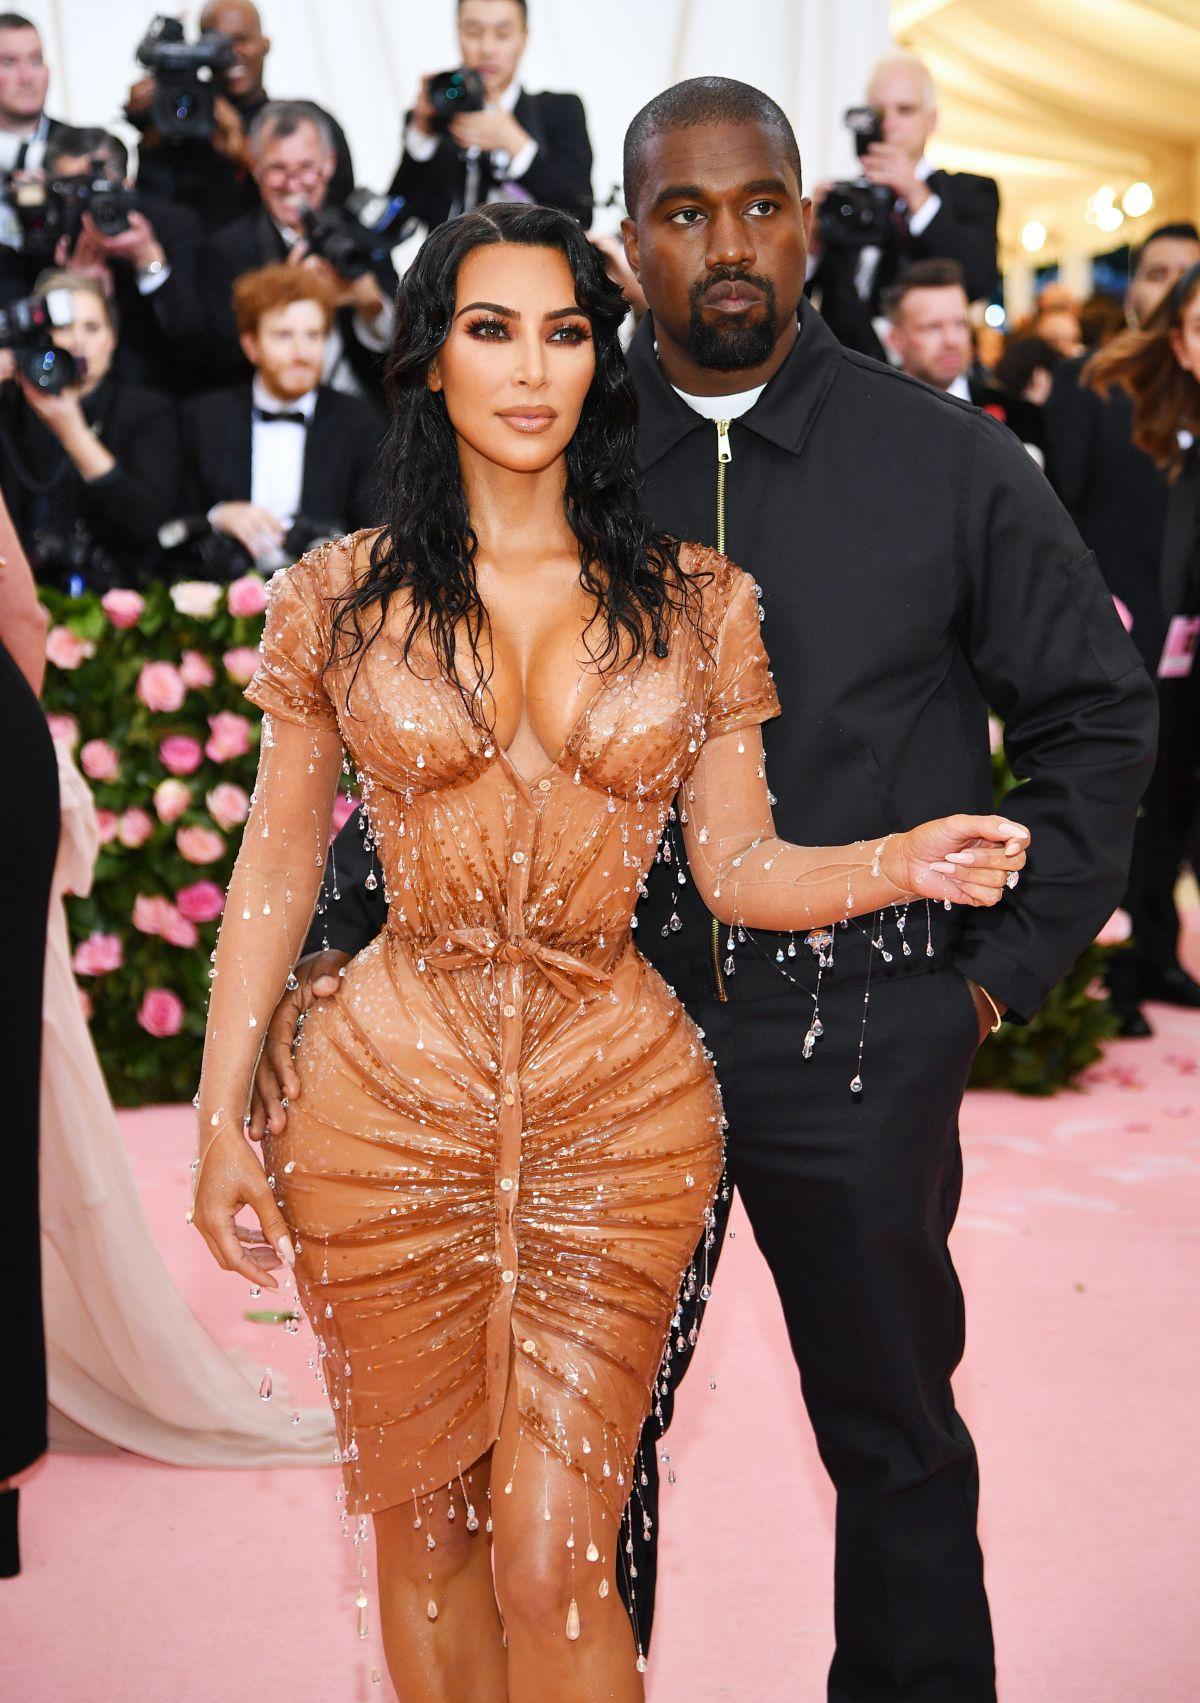 Kim Kardashian, alături de Kany West, fotografiată pe covorul roșu la Met Gala 2019, purtând o ținută extrem de mulată, care s-a dovedit a fi atracția evenimentului.